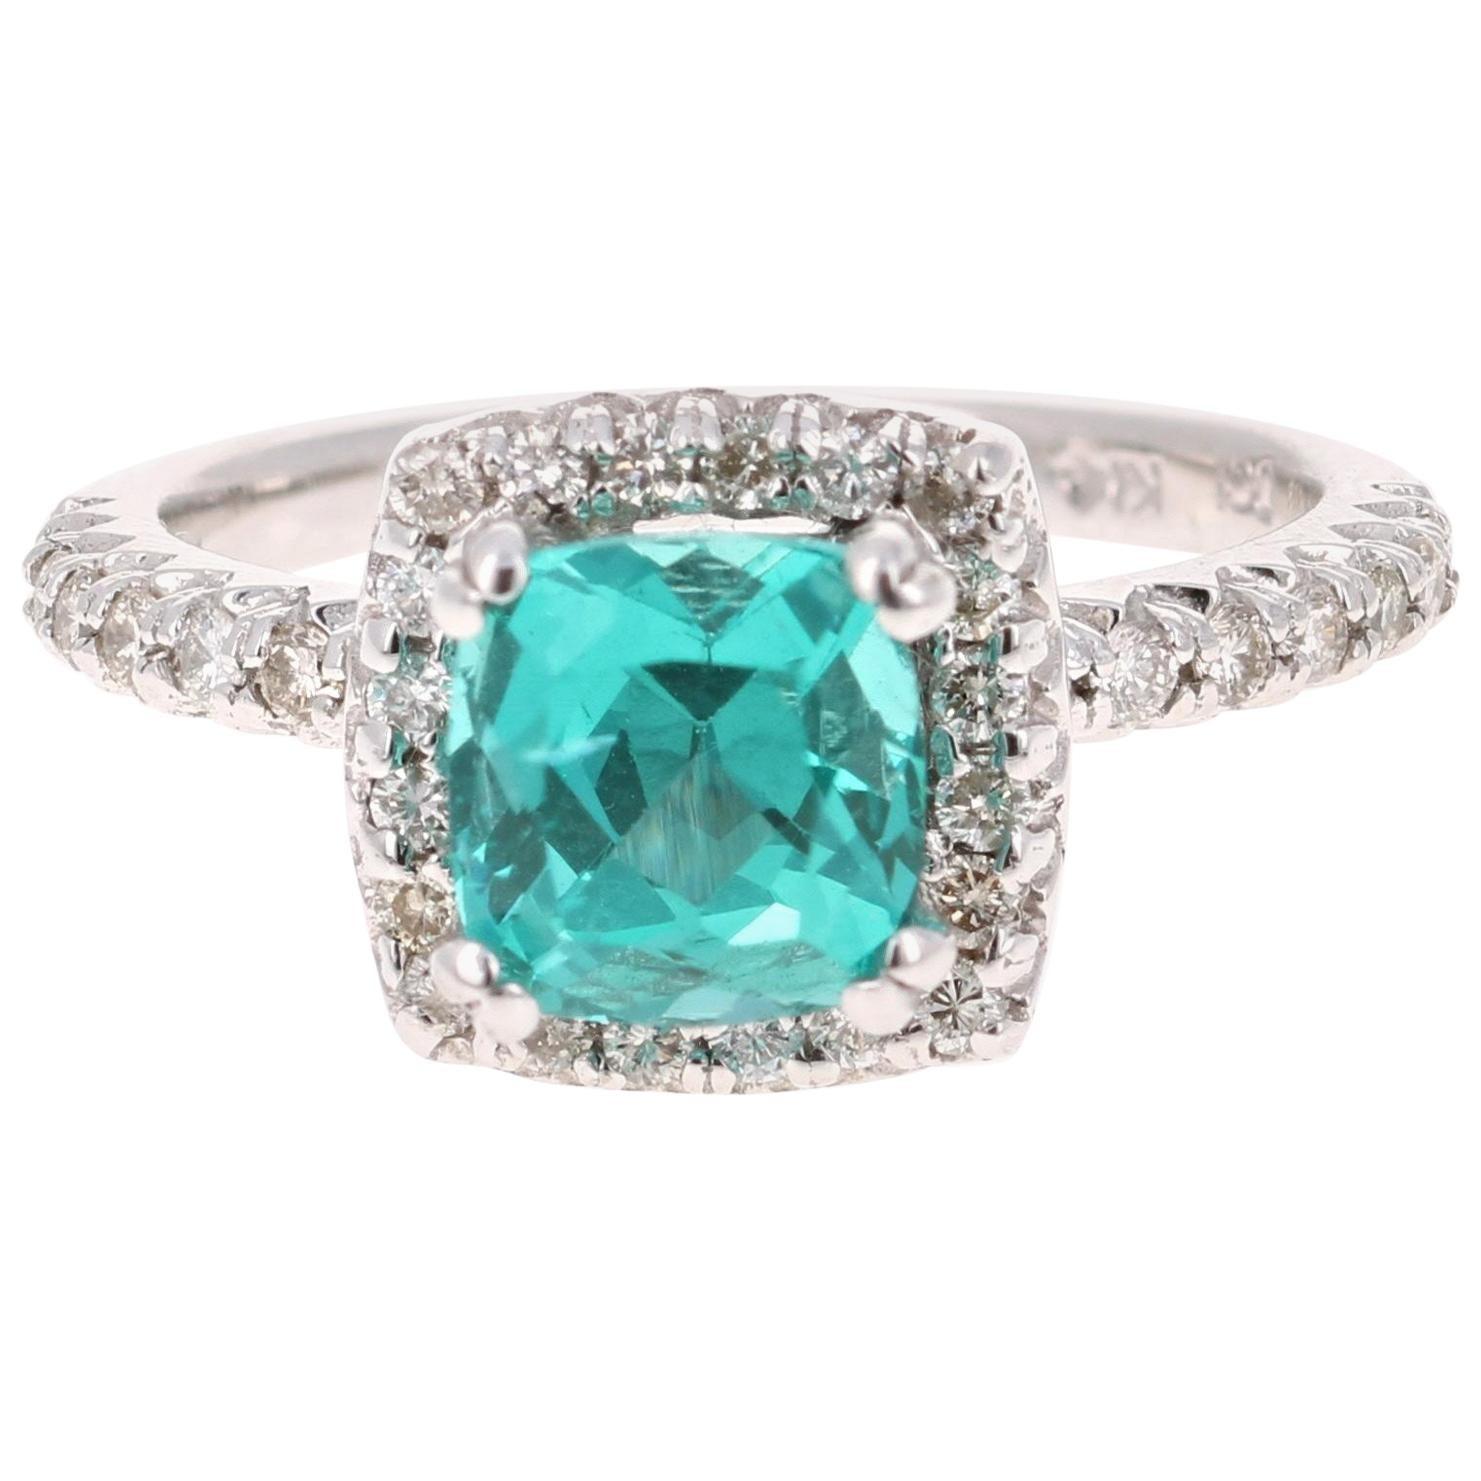 2.76 Carat Apatite Diamond Ring 14 Karat White Gold Ring